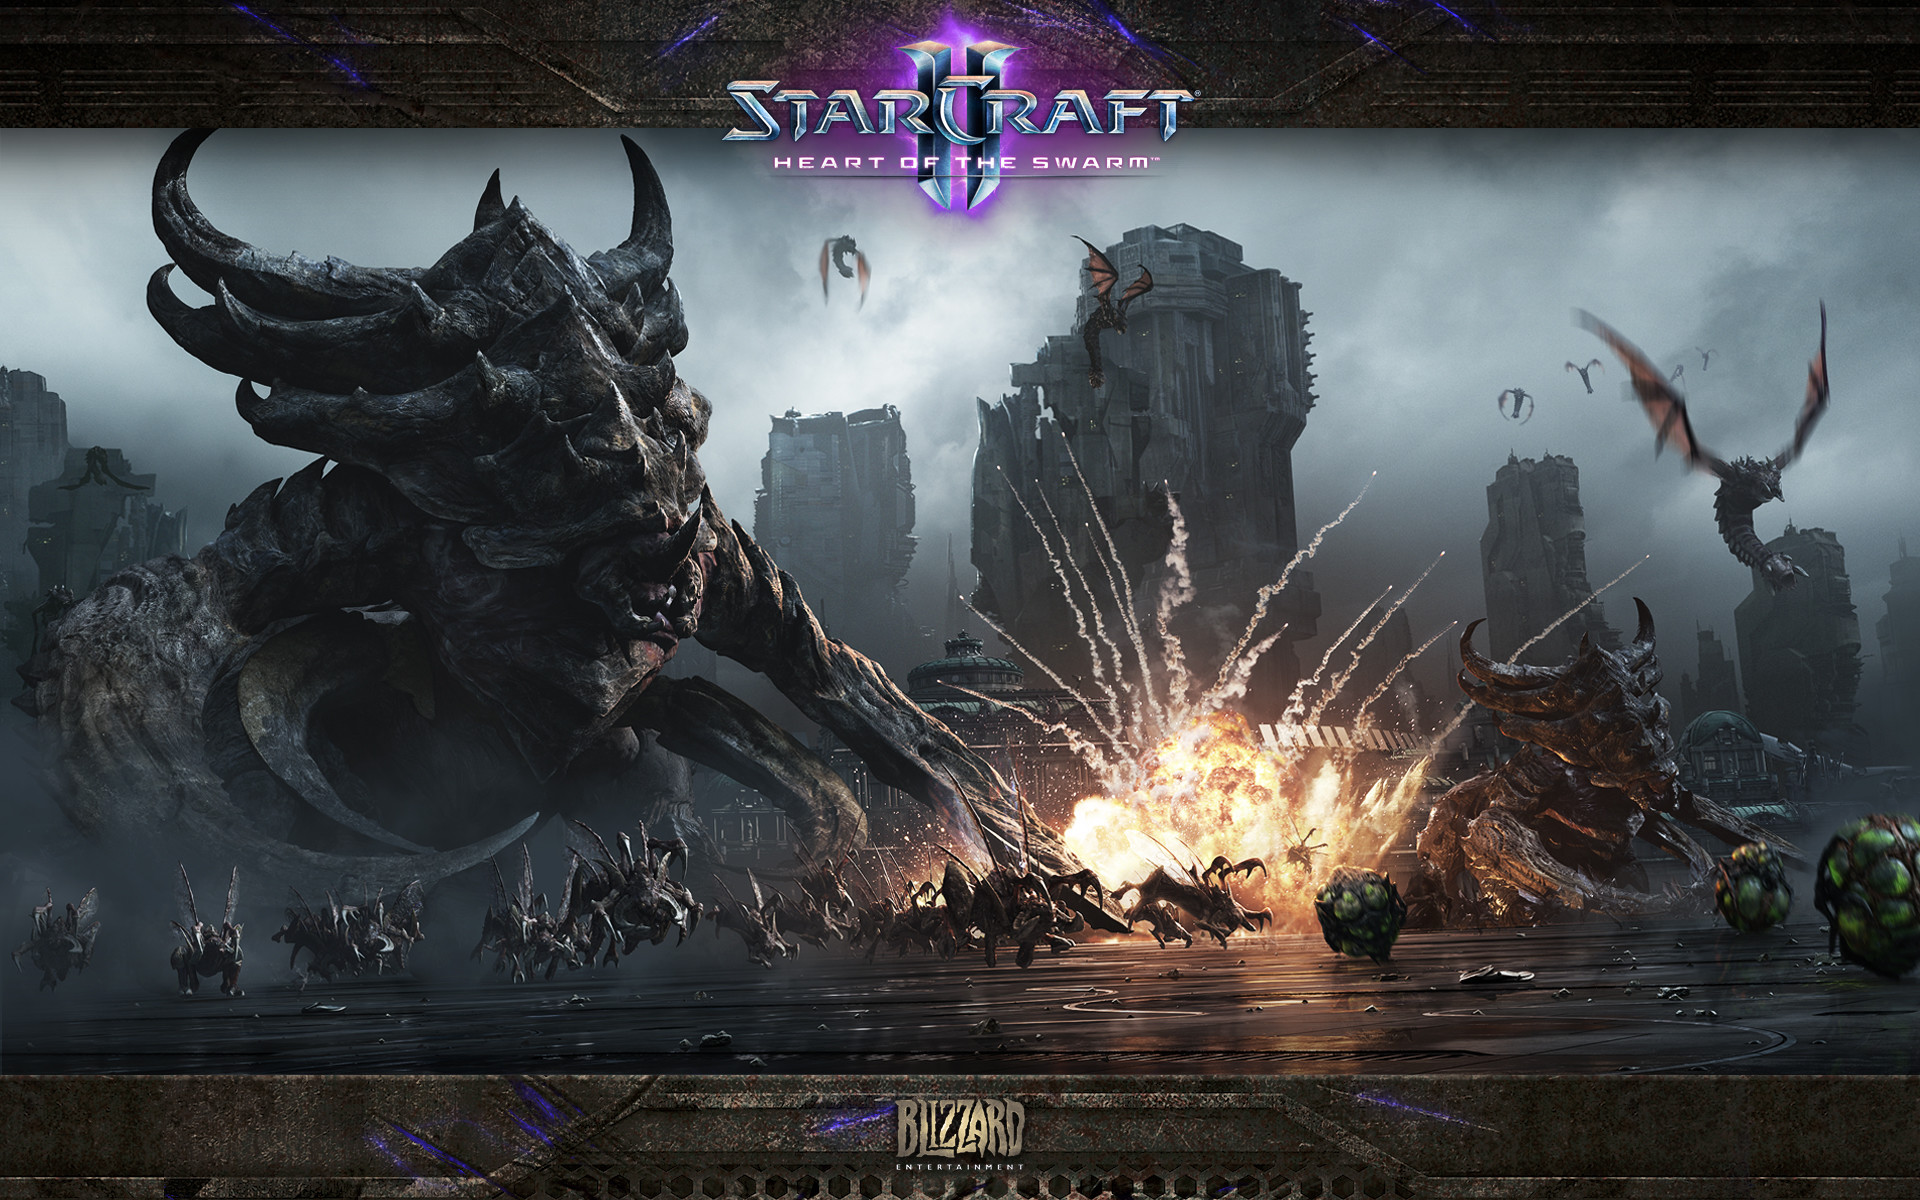 Starcraft Wallpaper HD